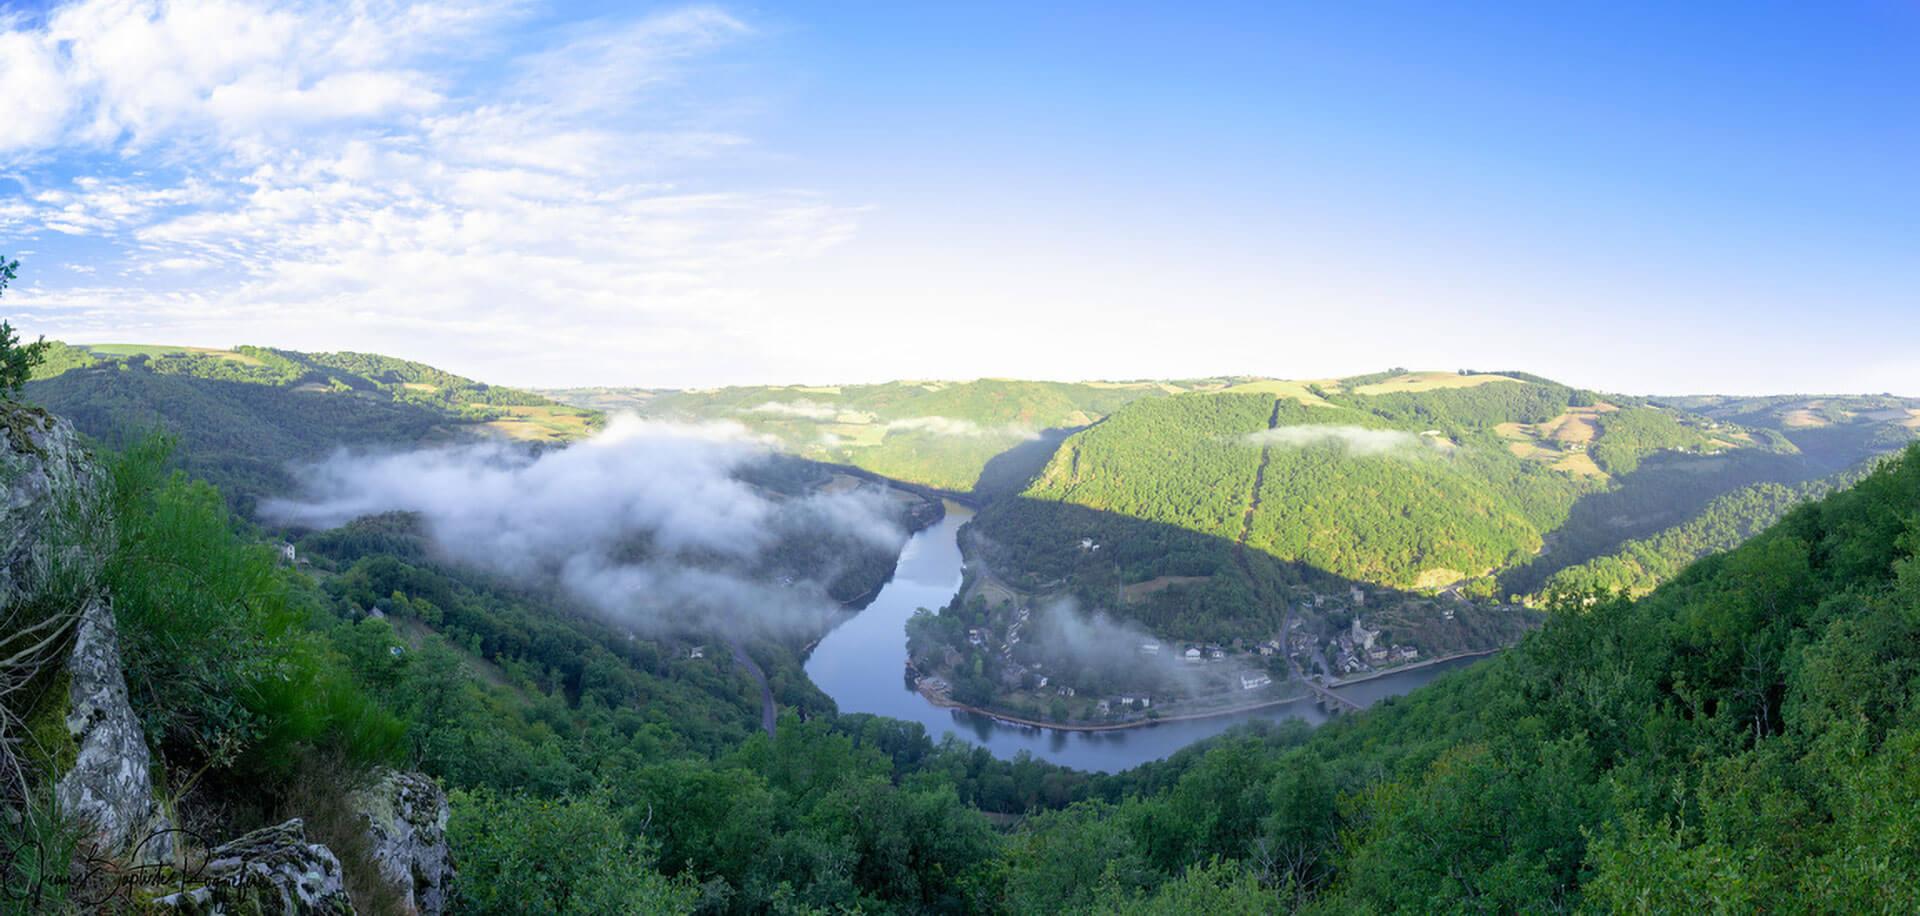 Le camping l'Ecrin vert en Aveyron est situé au pied du château de Lincou